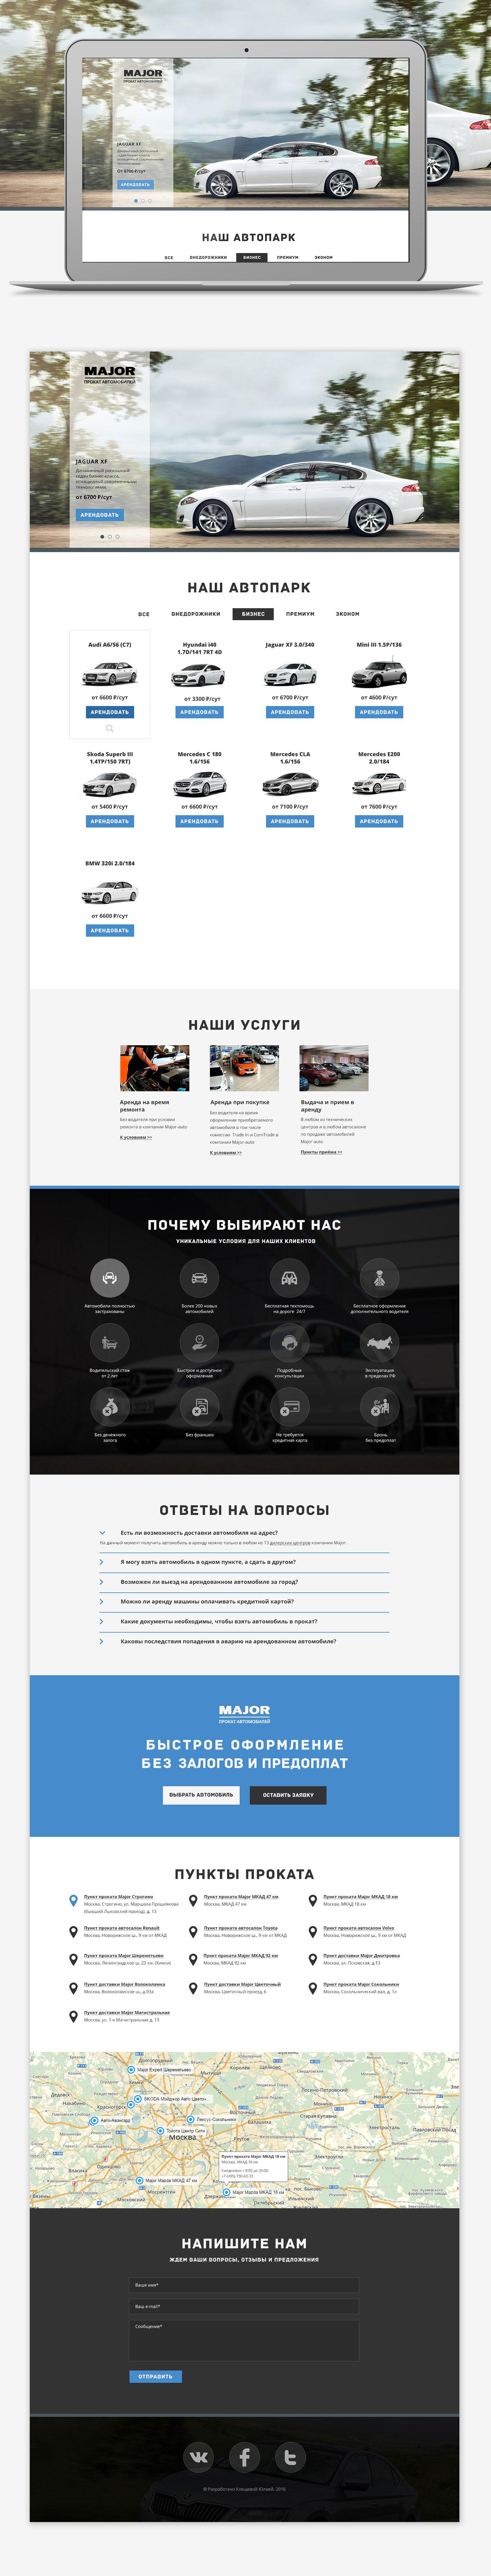 Интернет продвижение веб сайтов в санкт петербурге по лучшим ценам регистрация в каталогах Чернушка